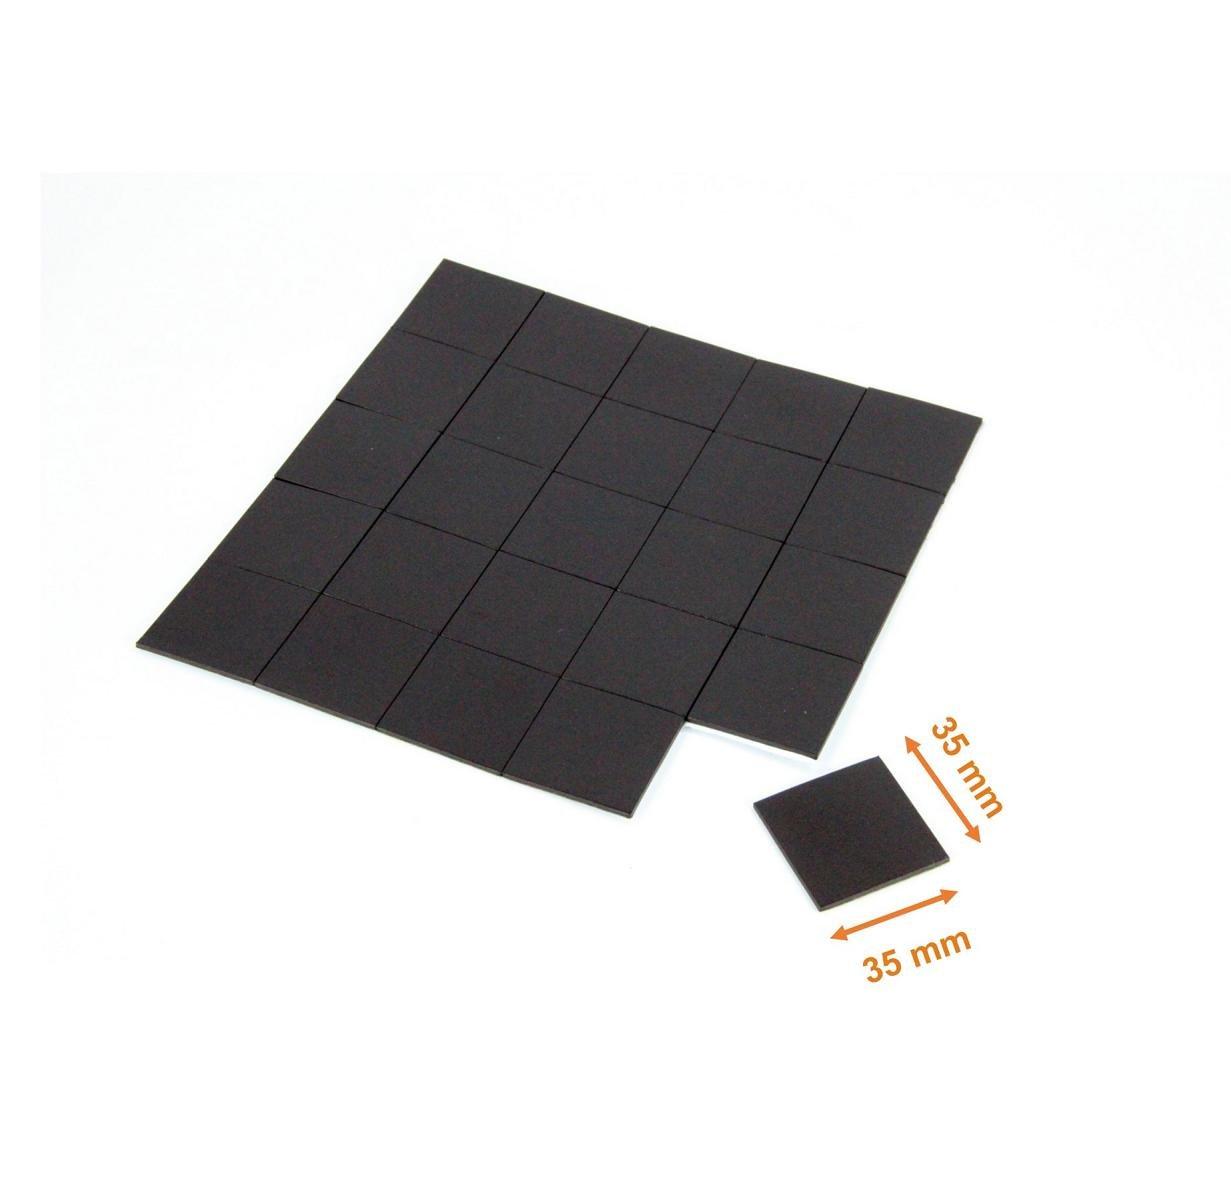 35x35 mm ZADAWERK/® L/ámina magn/ética 1,8 mm autoadhesiva 25 piezas